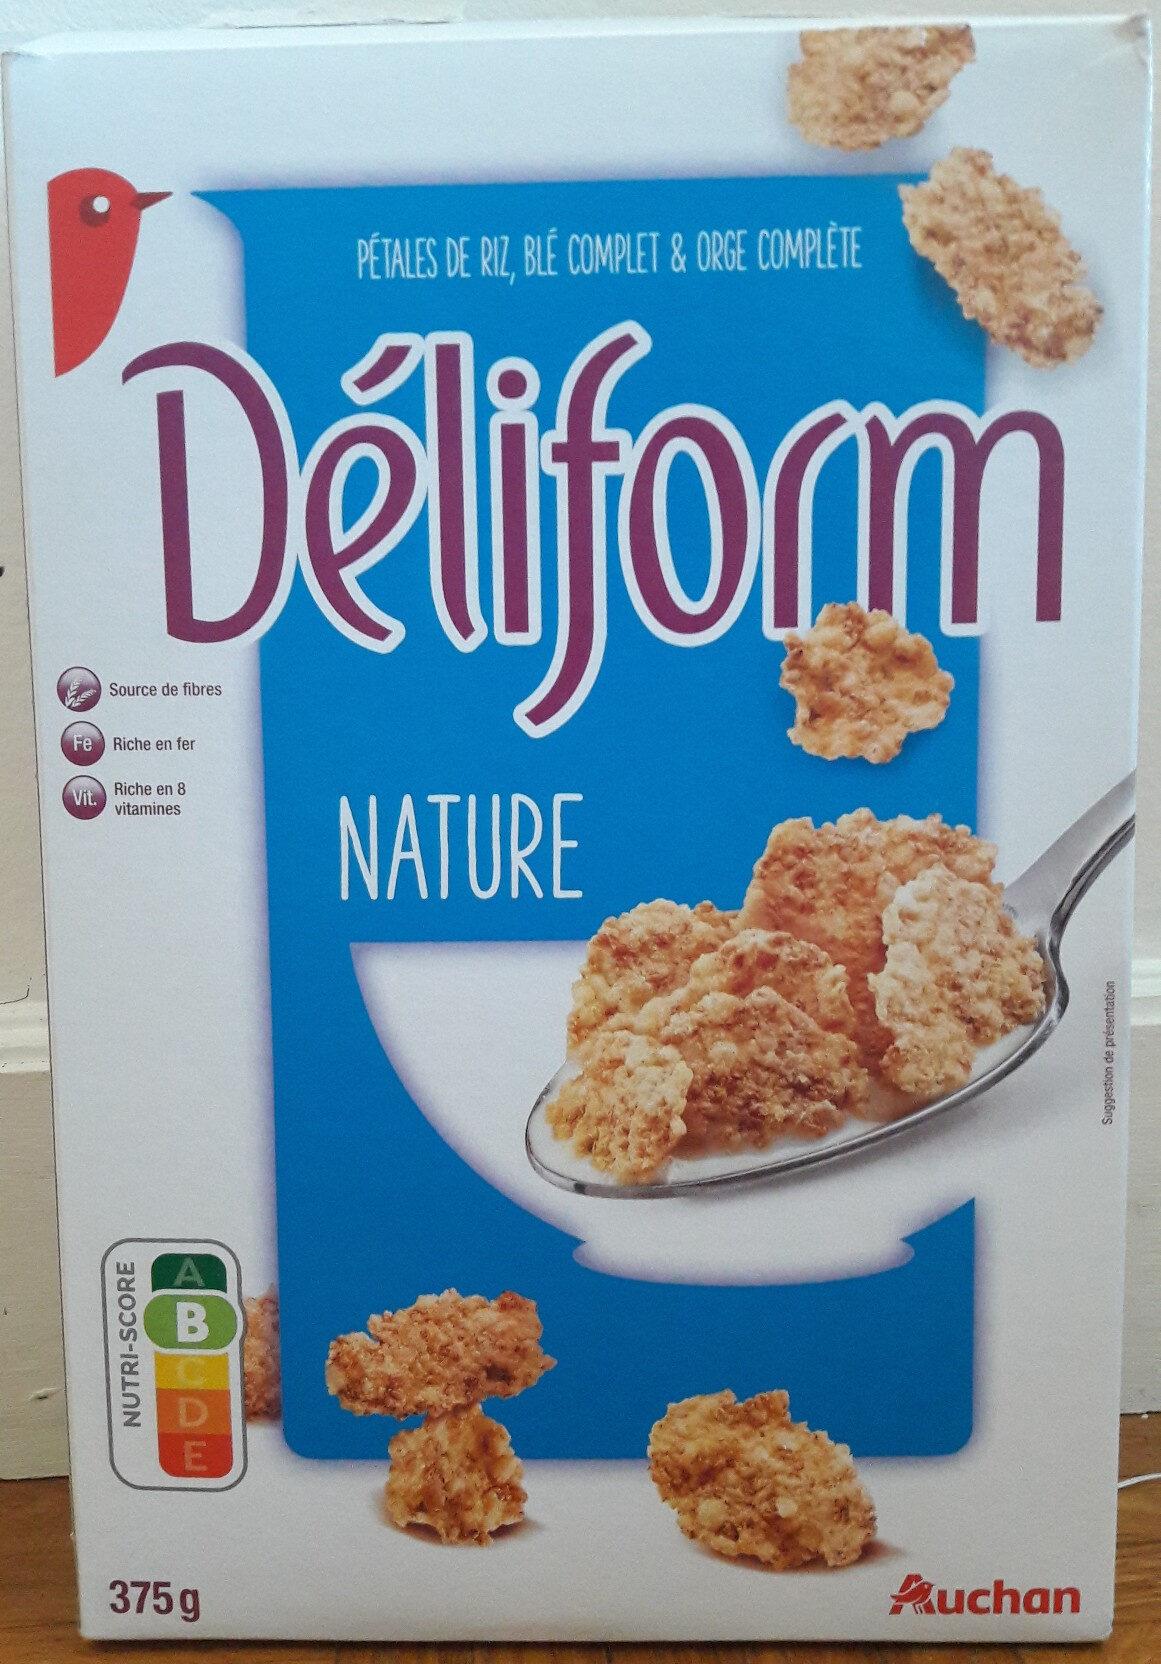 Pétales de riz, blé complet & orge complète - Product - fr